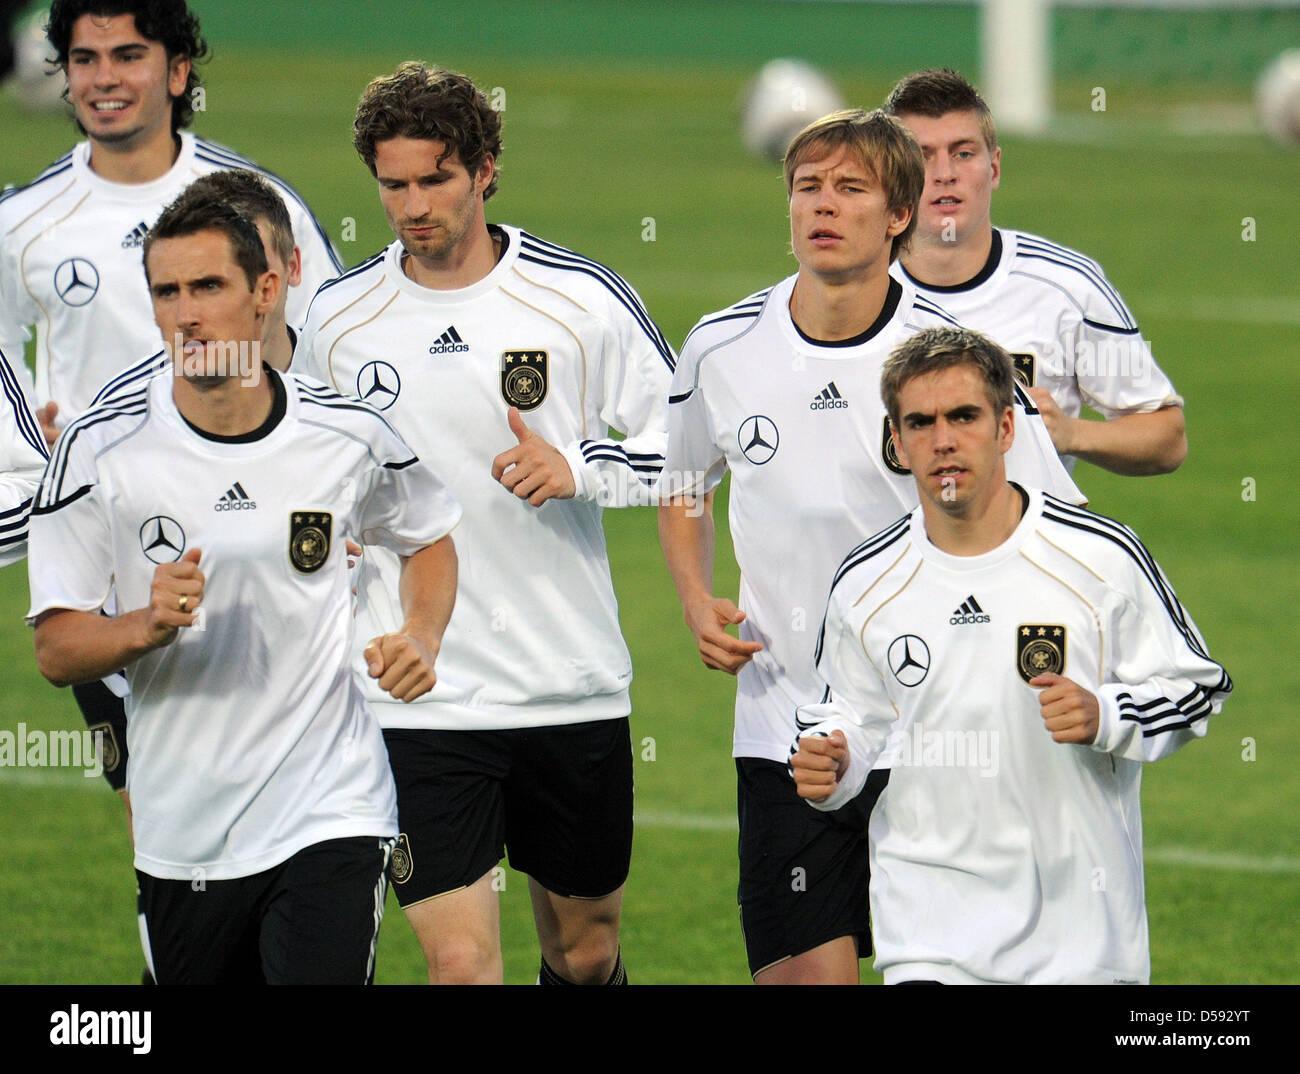 German Philipp Lahm Toni Kroos Stock Photos   German Philipp Lahm ... 72cfa4f455ab0